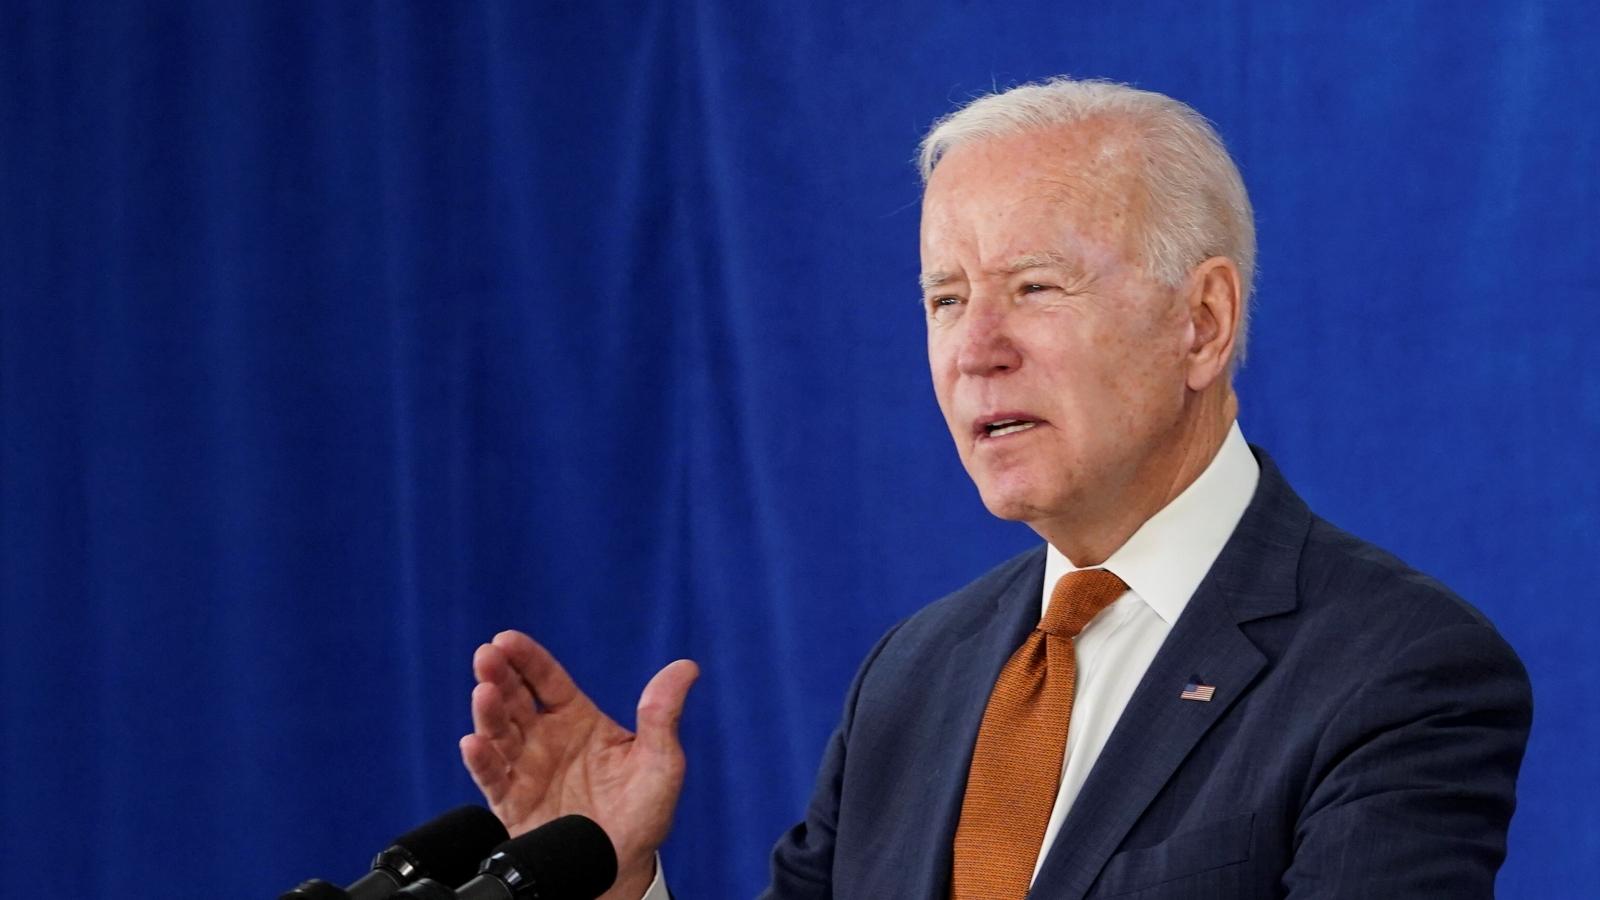 Mỹ xác nhận Tổng thống Biden tham dự Hội nghị Cấp cao ASEAN lần thứ 38 và 39